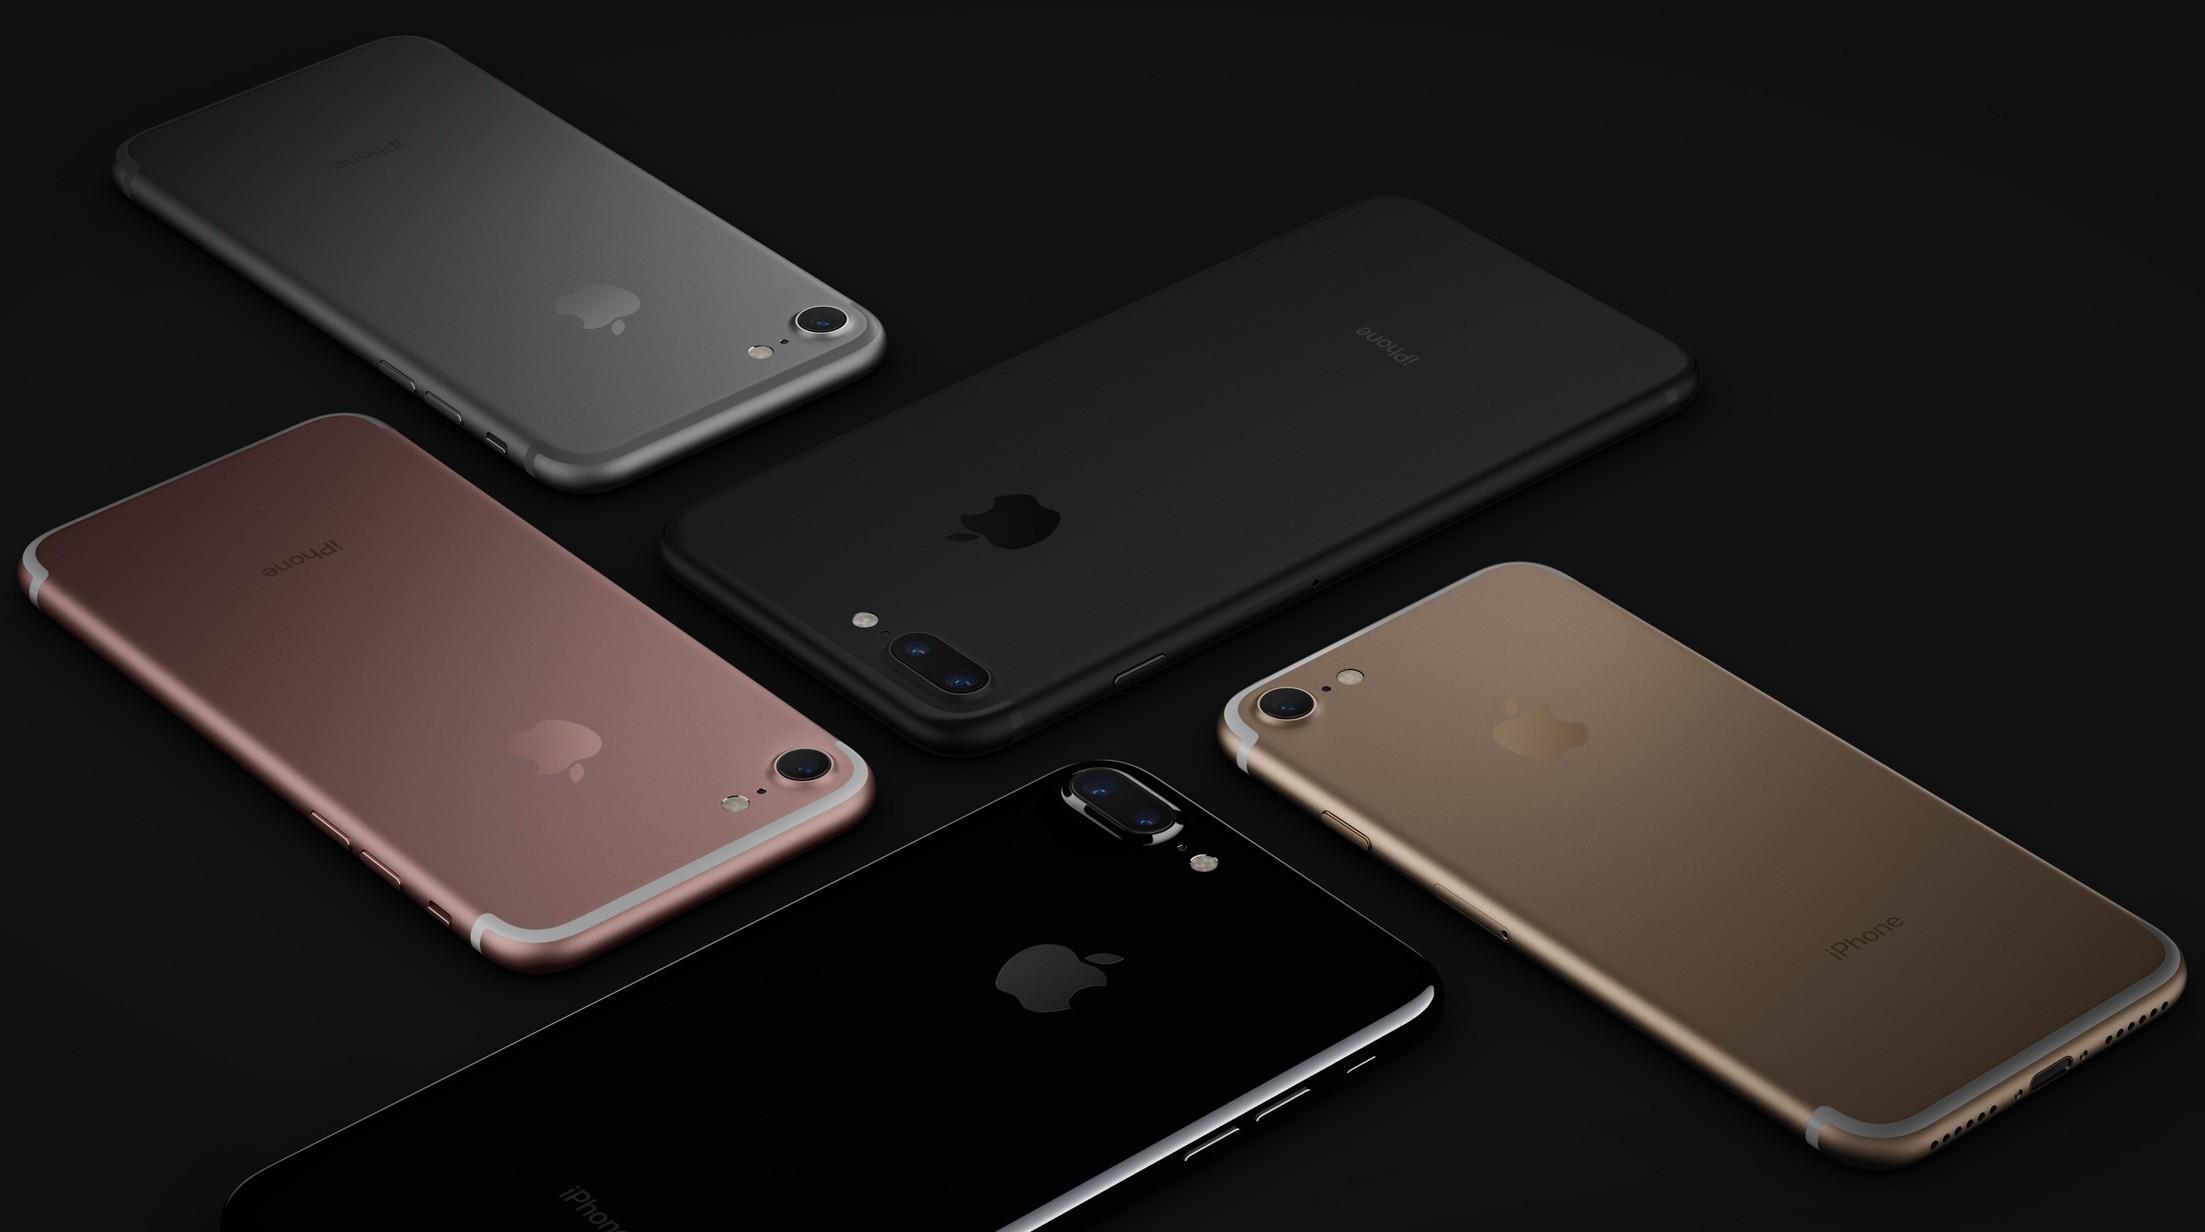 Продажи iPhone 7 продолжают бить рекорды прошлых моделей